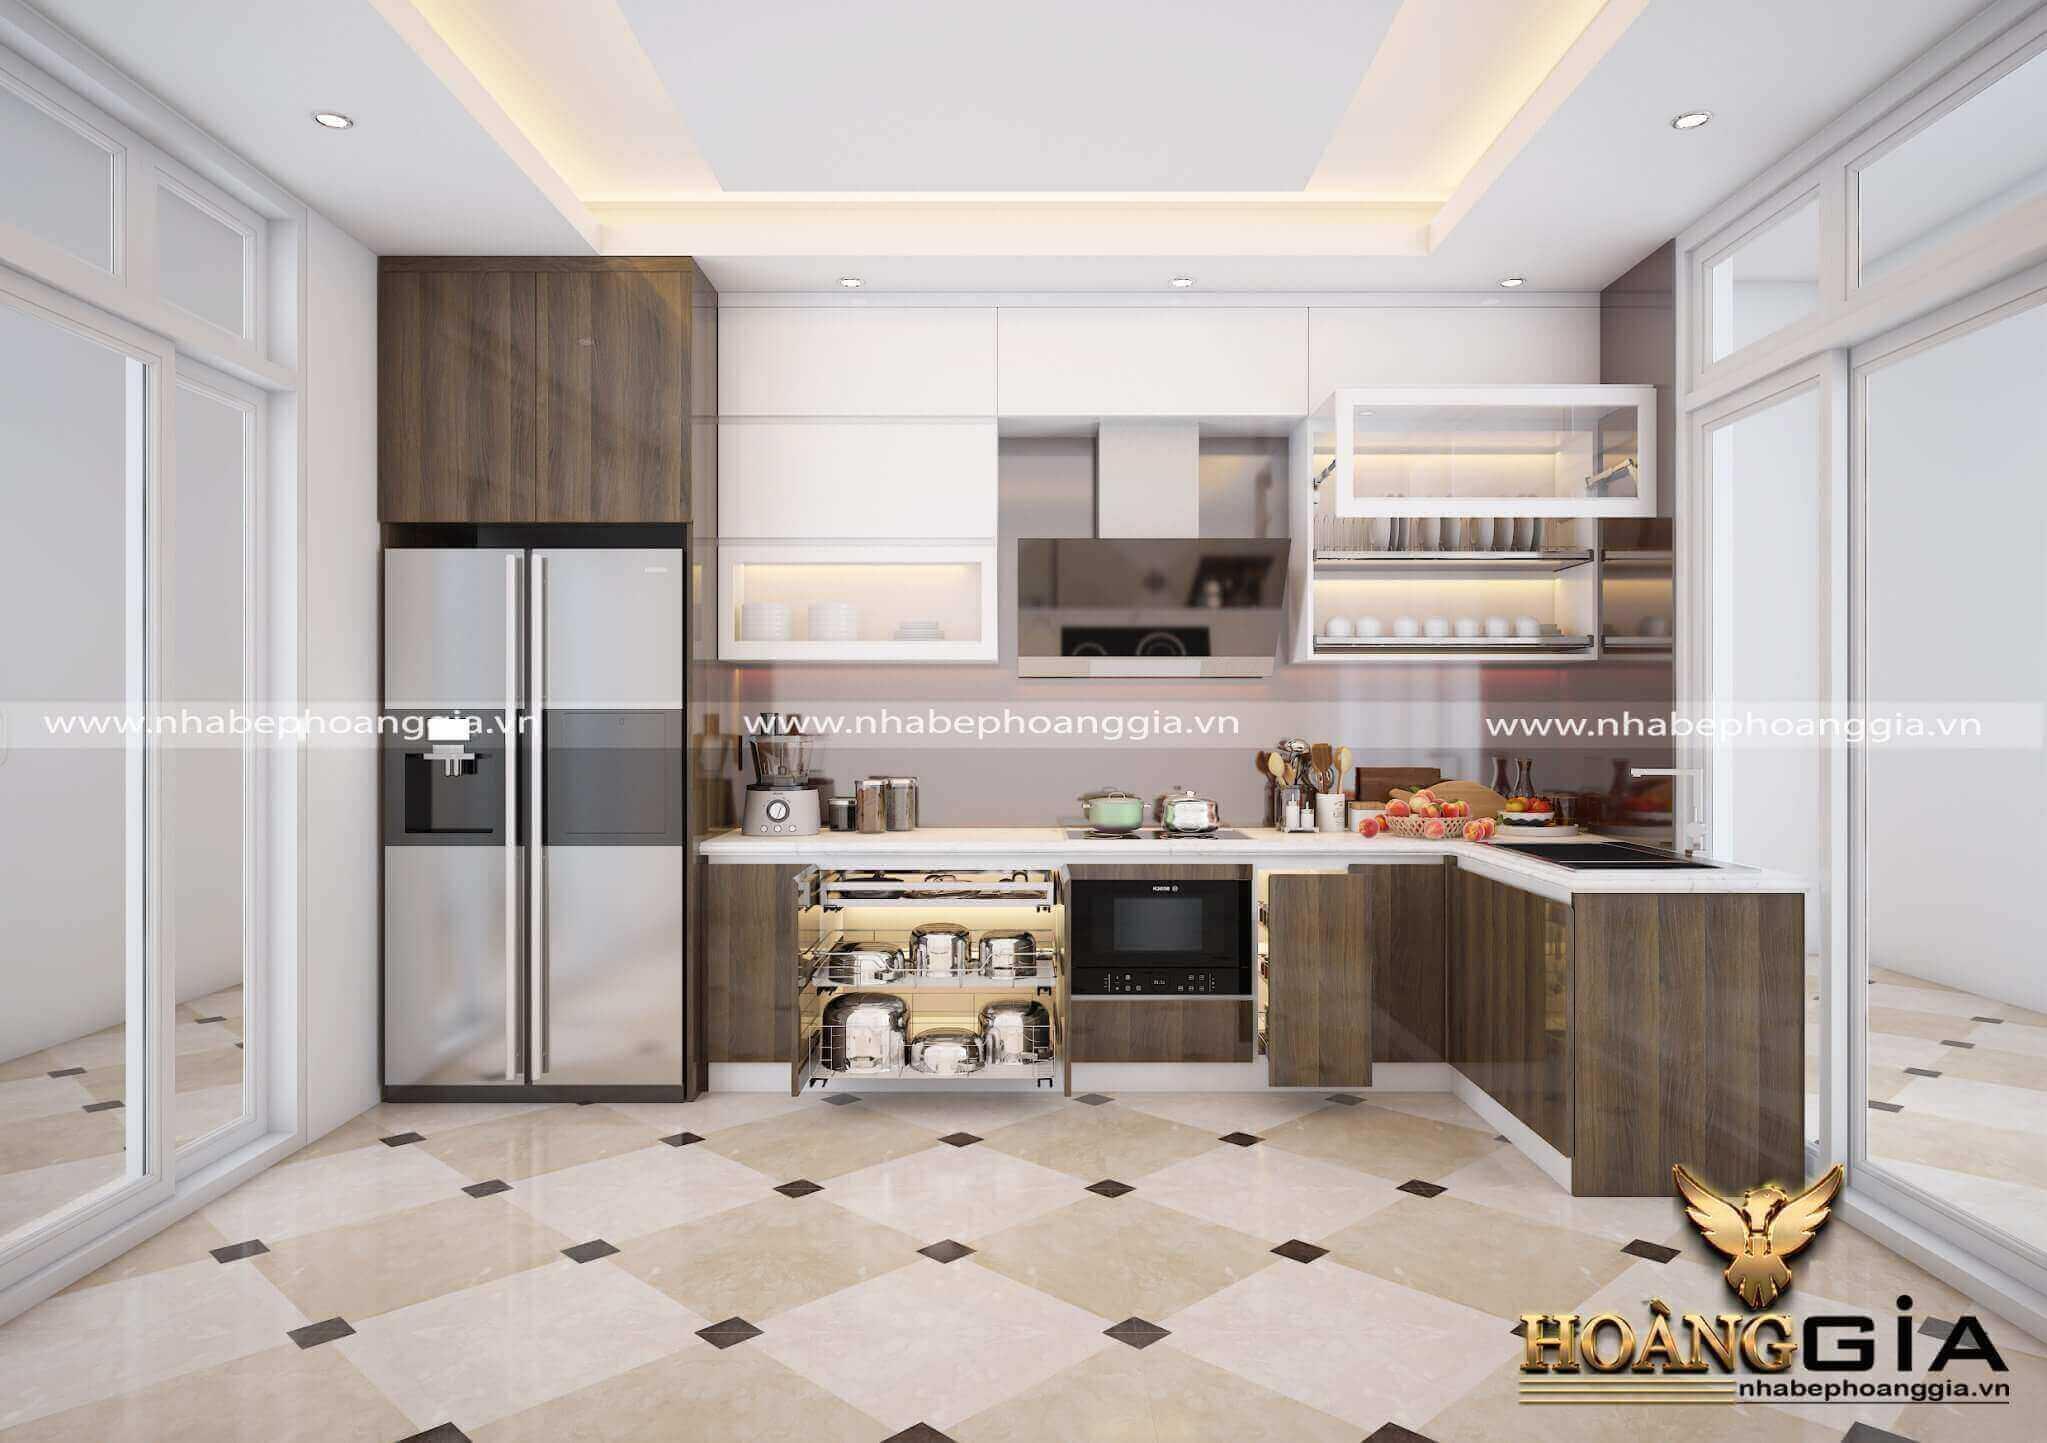 thiết kế tủ bếp đạt chuẩn